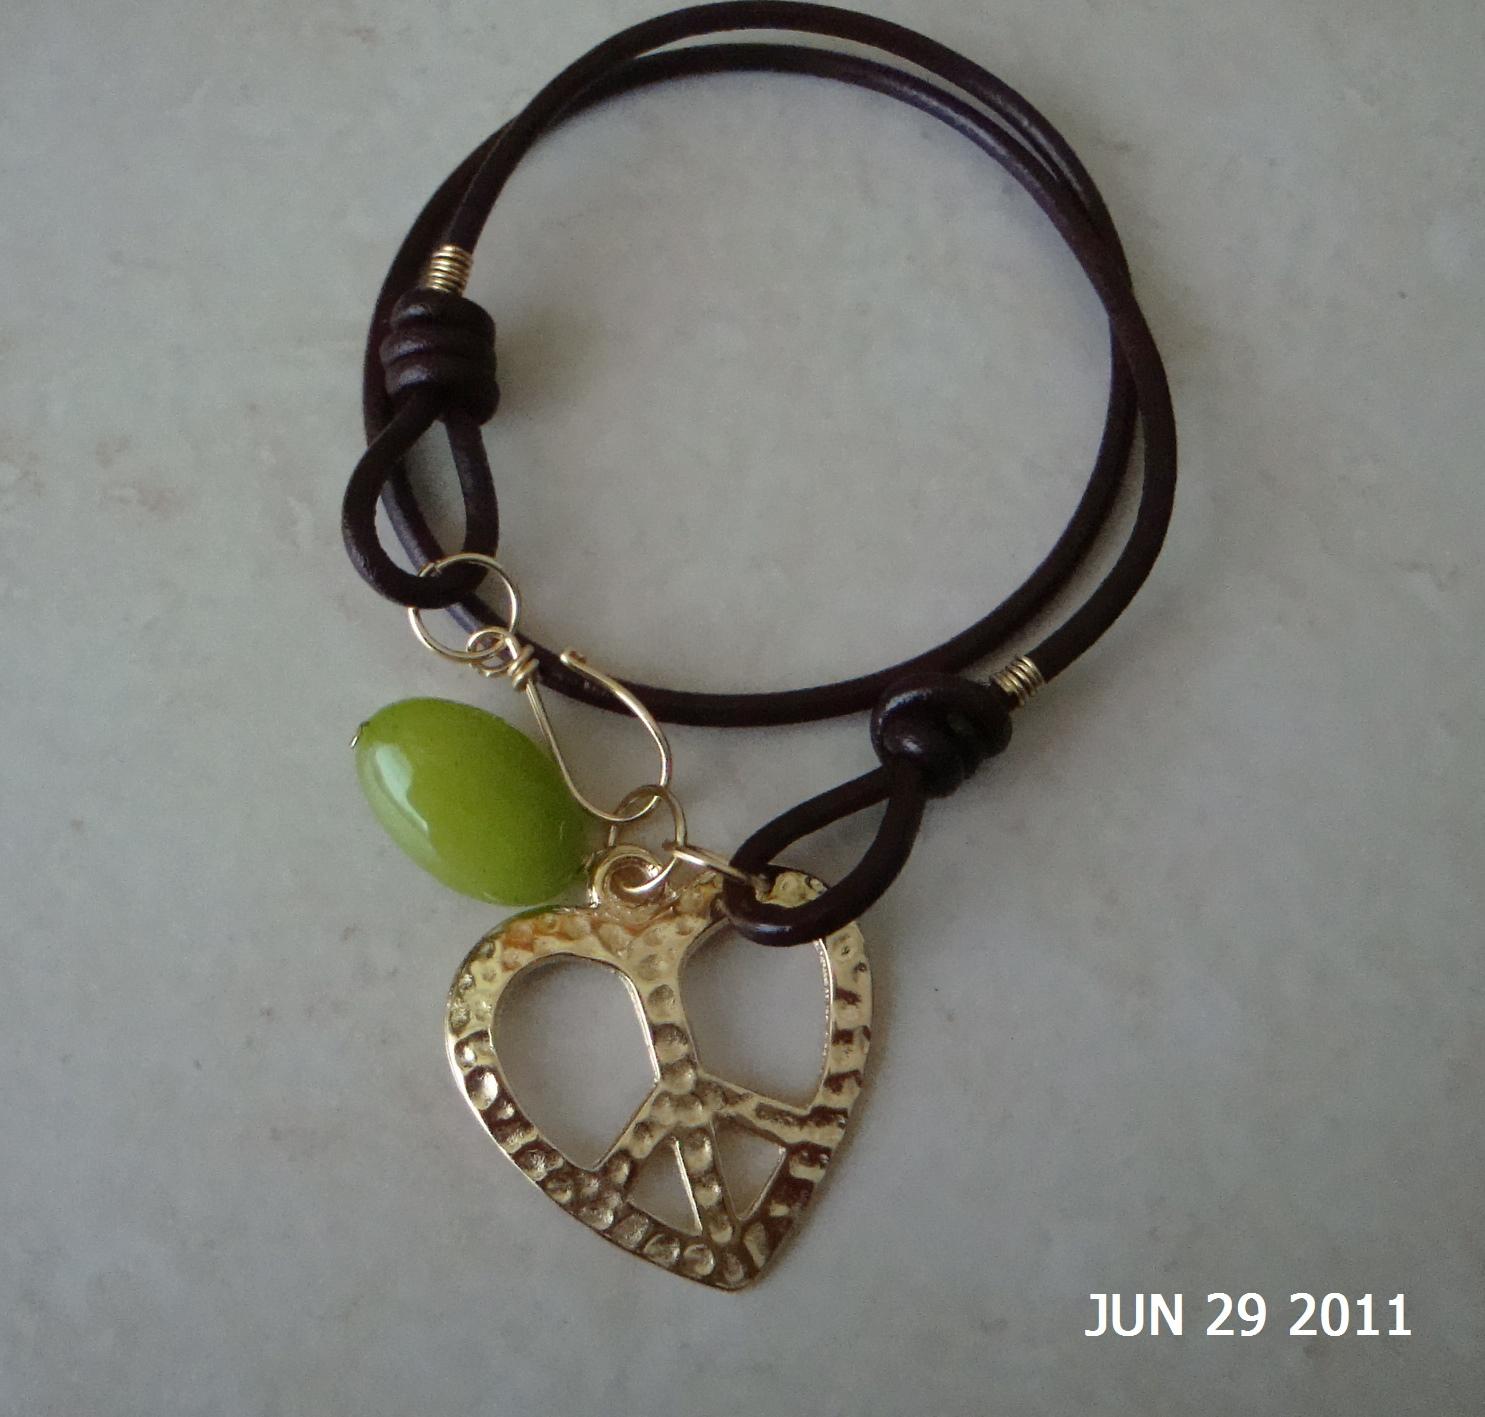 Enma nava accesorios femeninos collares en cuero y piedras - Collares de cuero ...